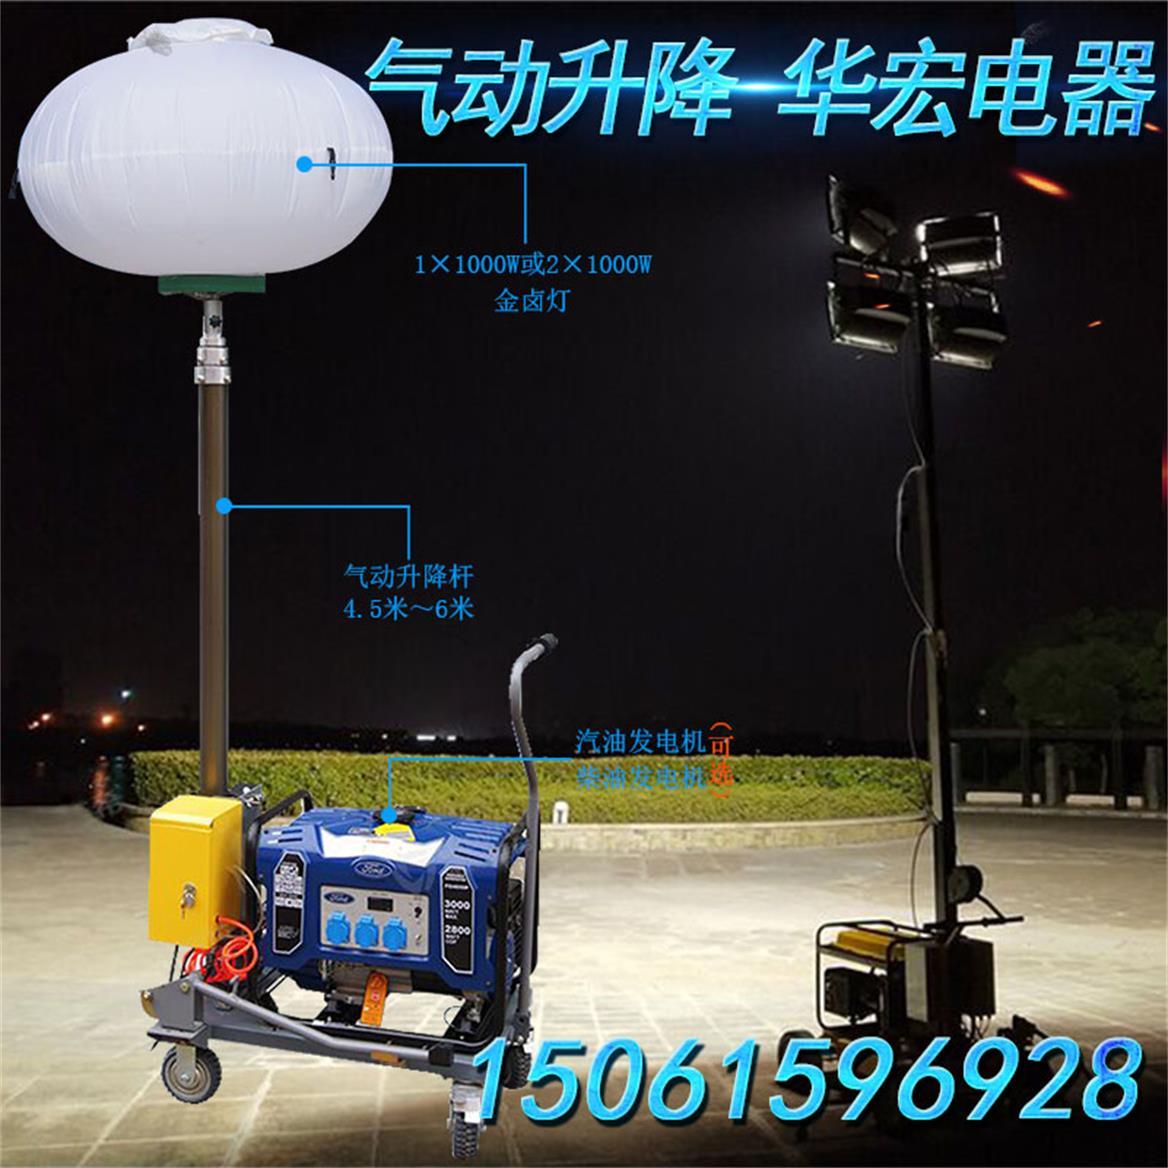 移動照明燈塔氣桿1000W照明車升起搶險工程照明車施工照明燈